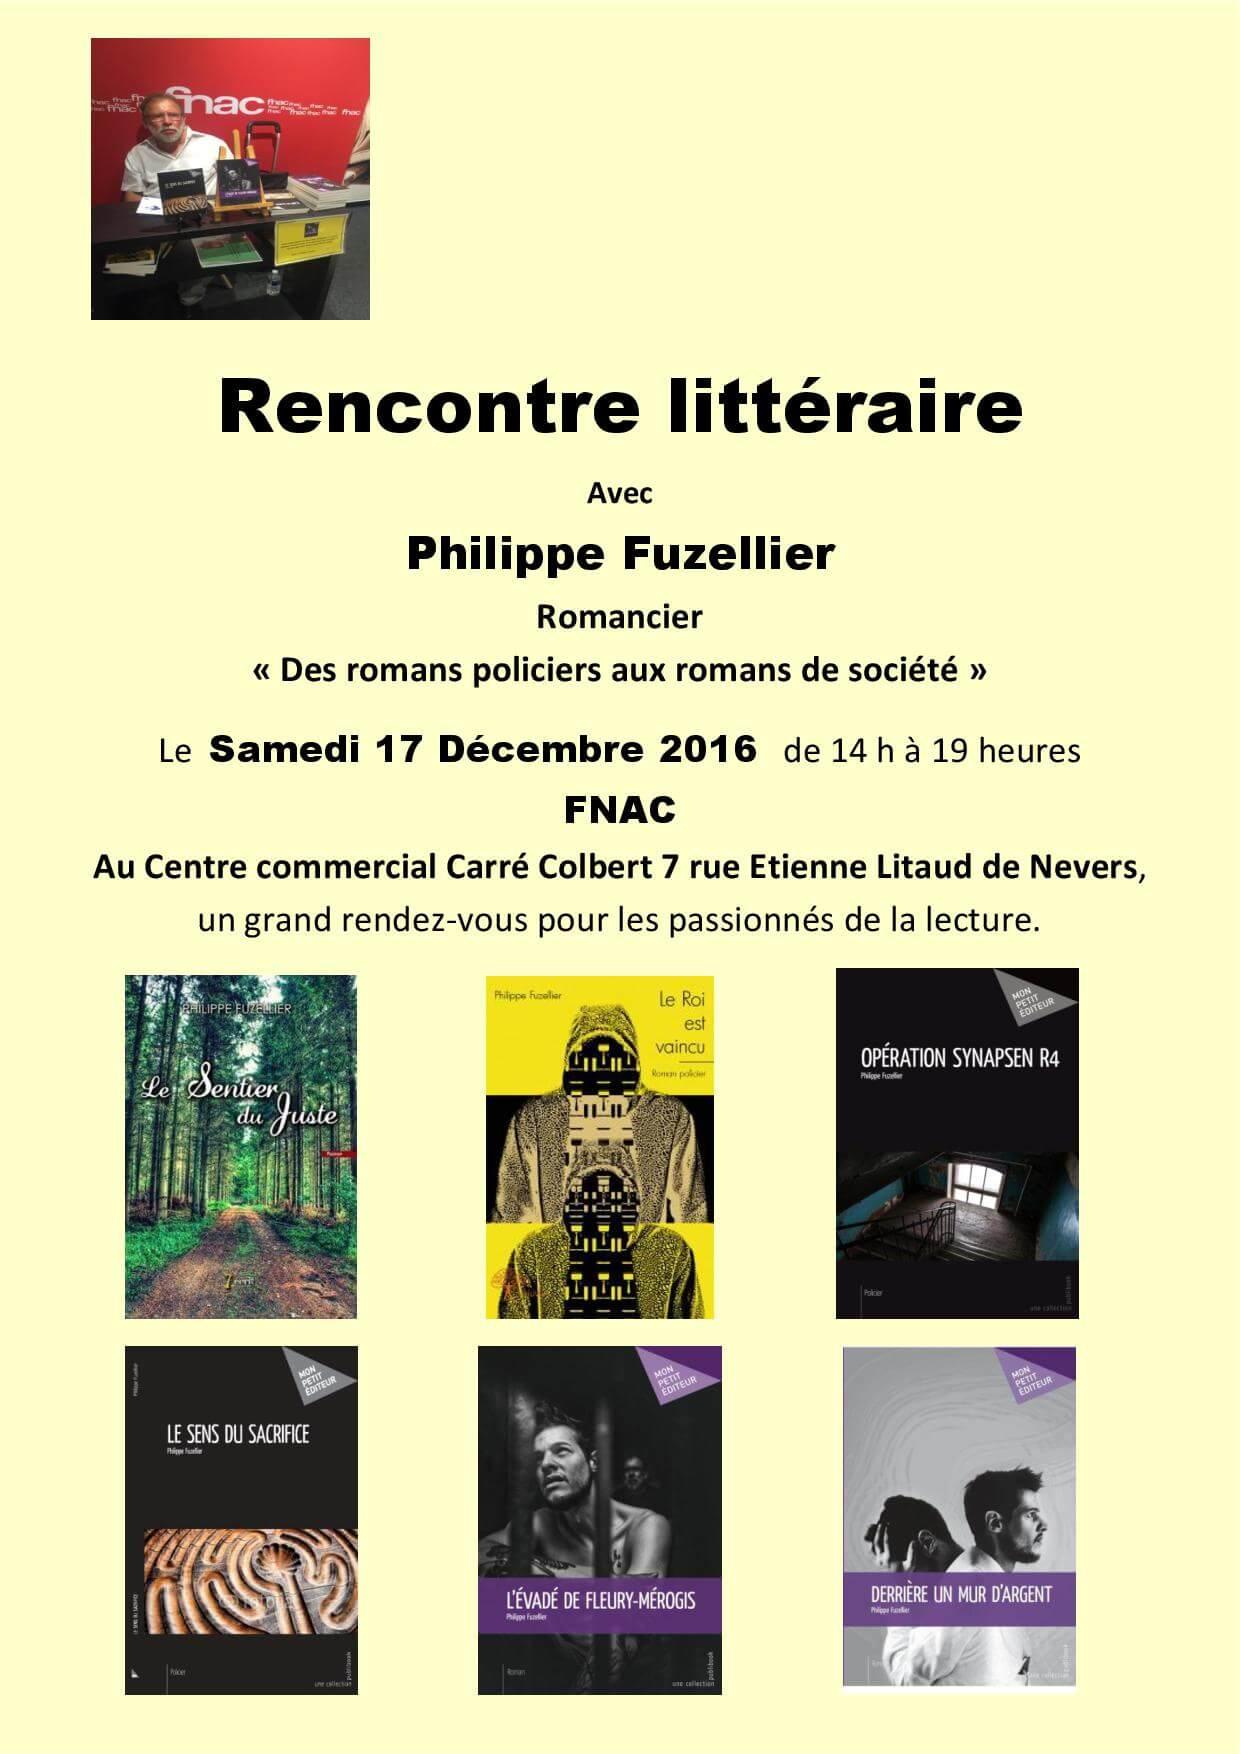 Rencontre littéraire FNAC Nevers